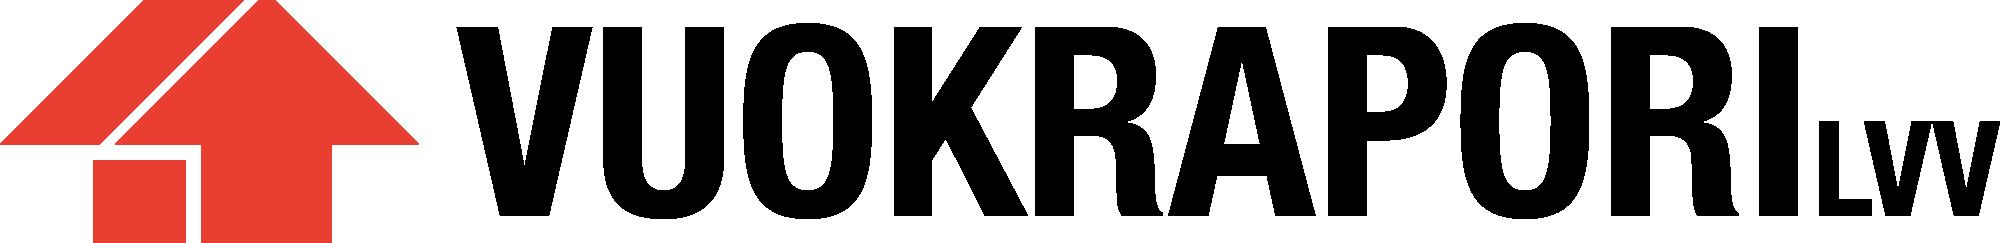 Vuokrapori LVV